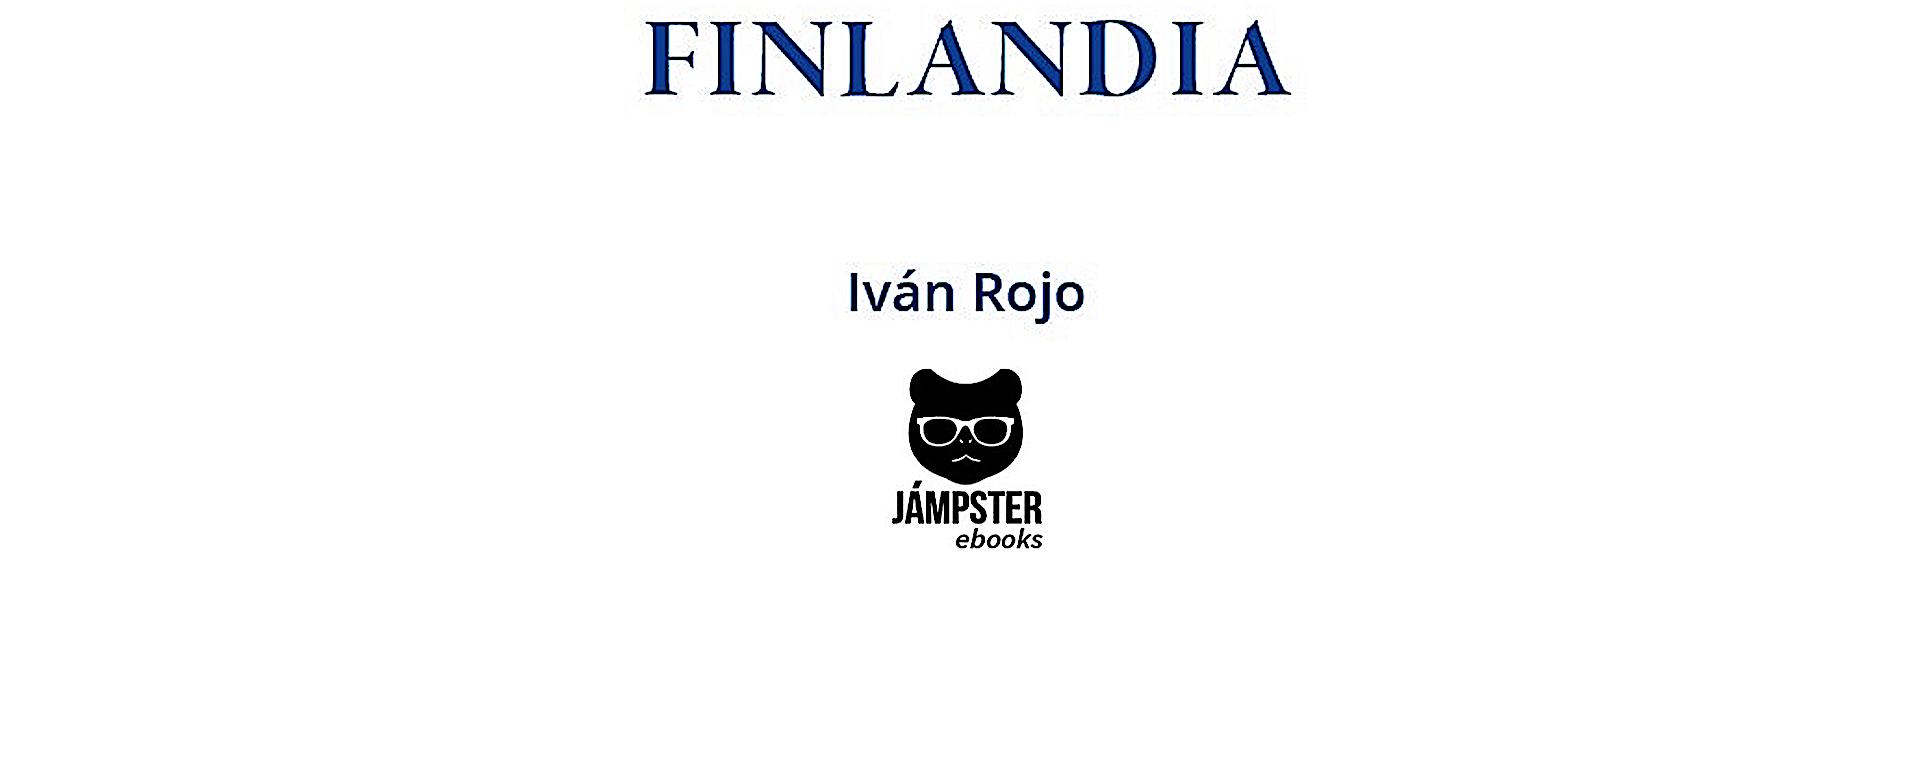 Previsualizacio?n Finlandia